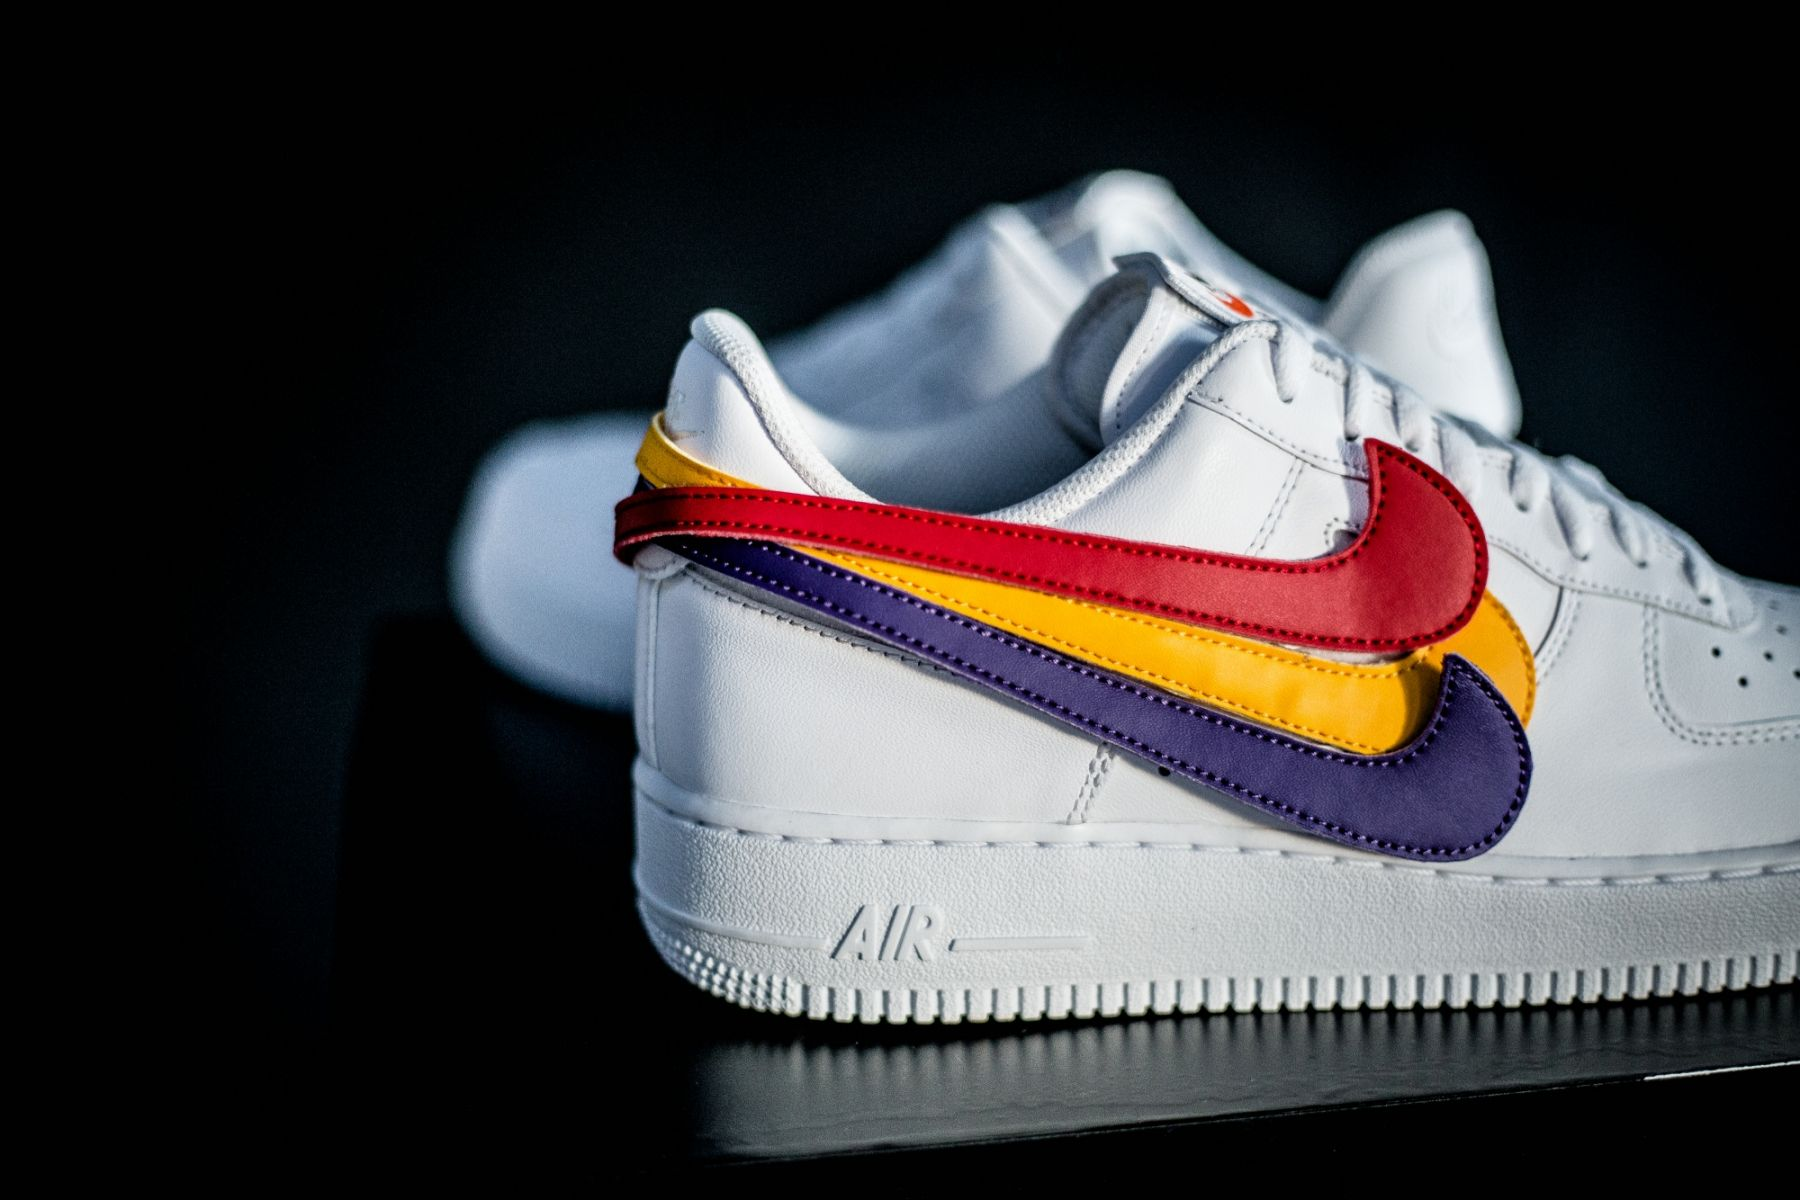 Nike Air Force 1 White Swoosh Pack